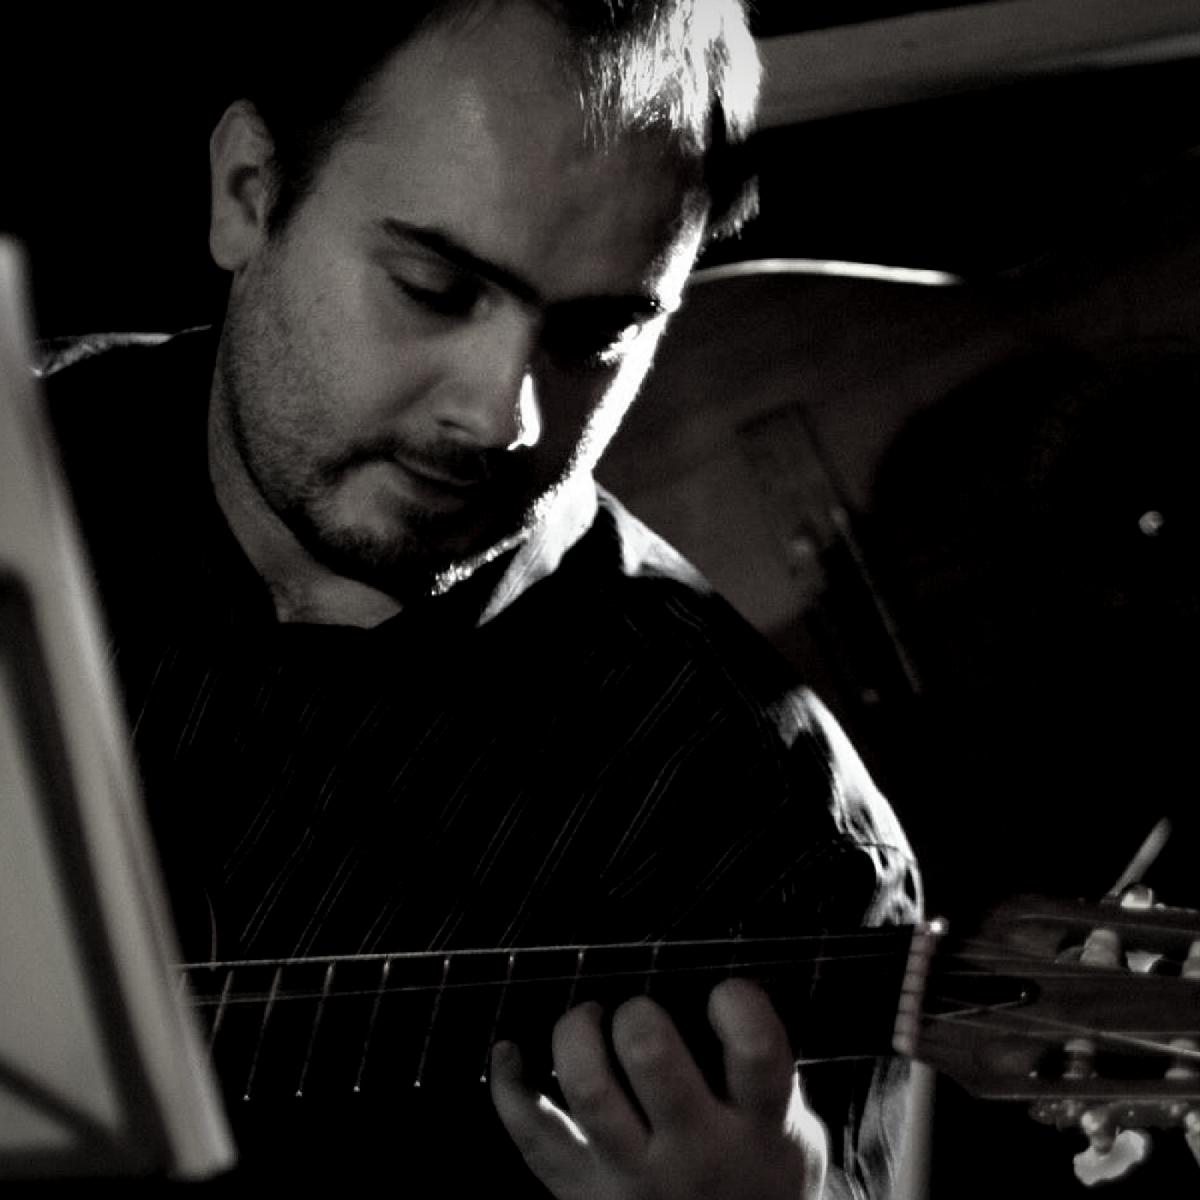 BIESZCZADY: Lasom śpiewam - nowa piosenka Mariusza Wdowina VIDEO - Zdjęcie główne